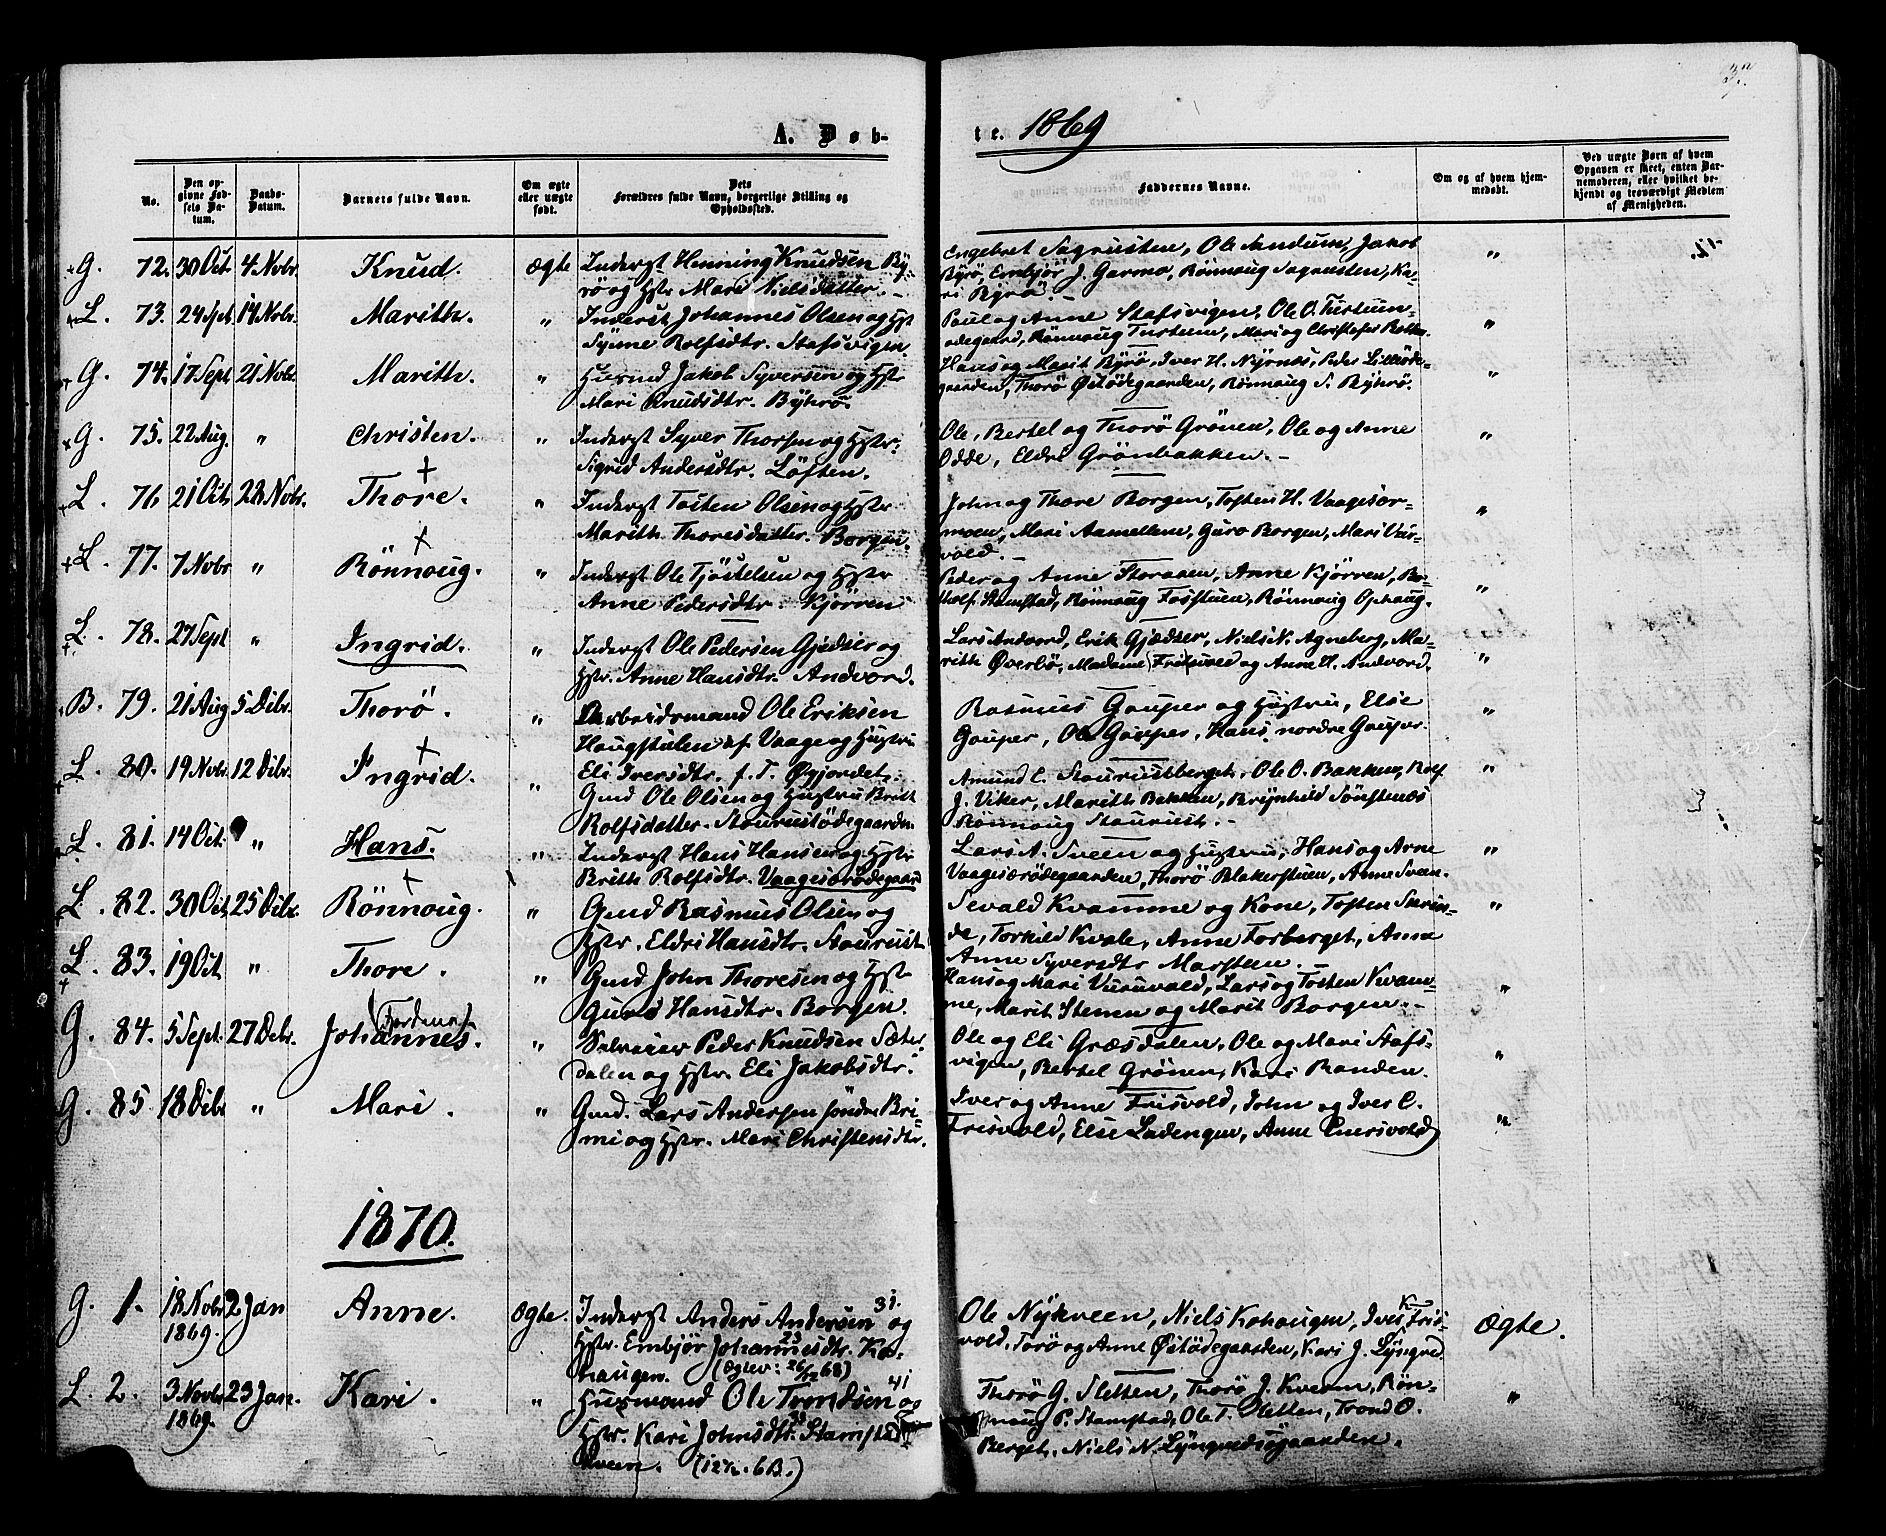 SAH, Lom prestekontor, K/L0007: Ministerialbok nr. 7, 1863-1884, s. 37